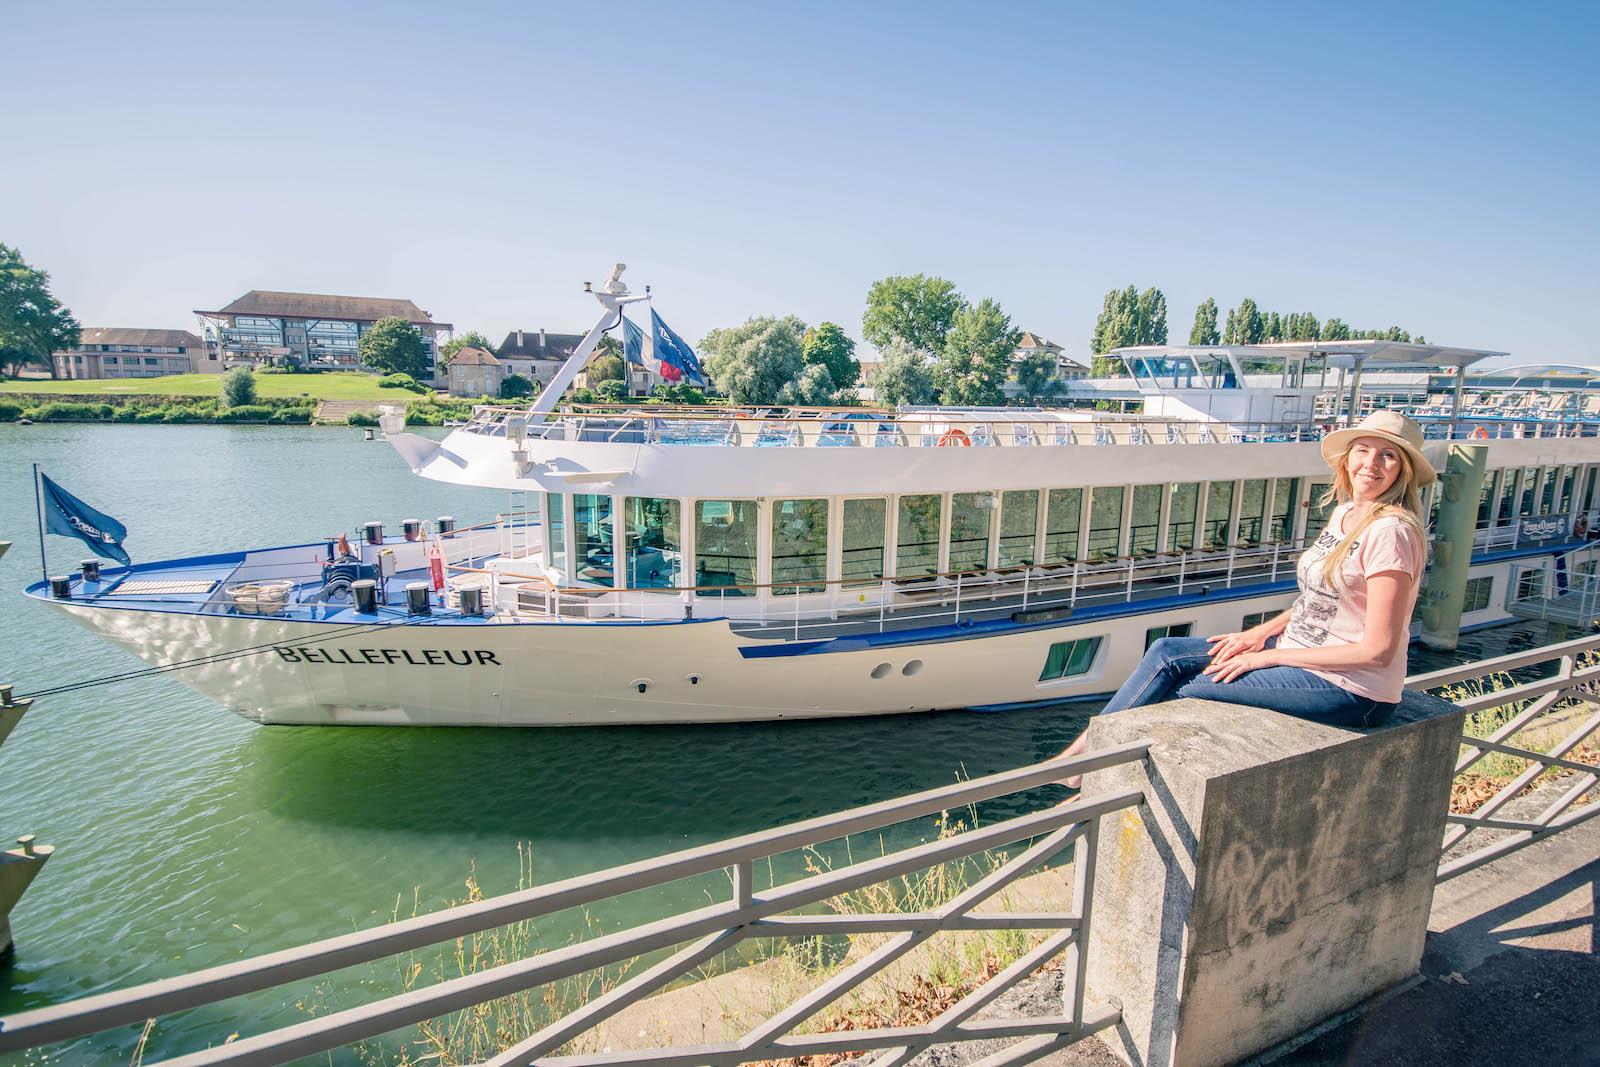 Flusskreuzfahrt-Erfahrung-2